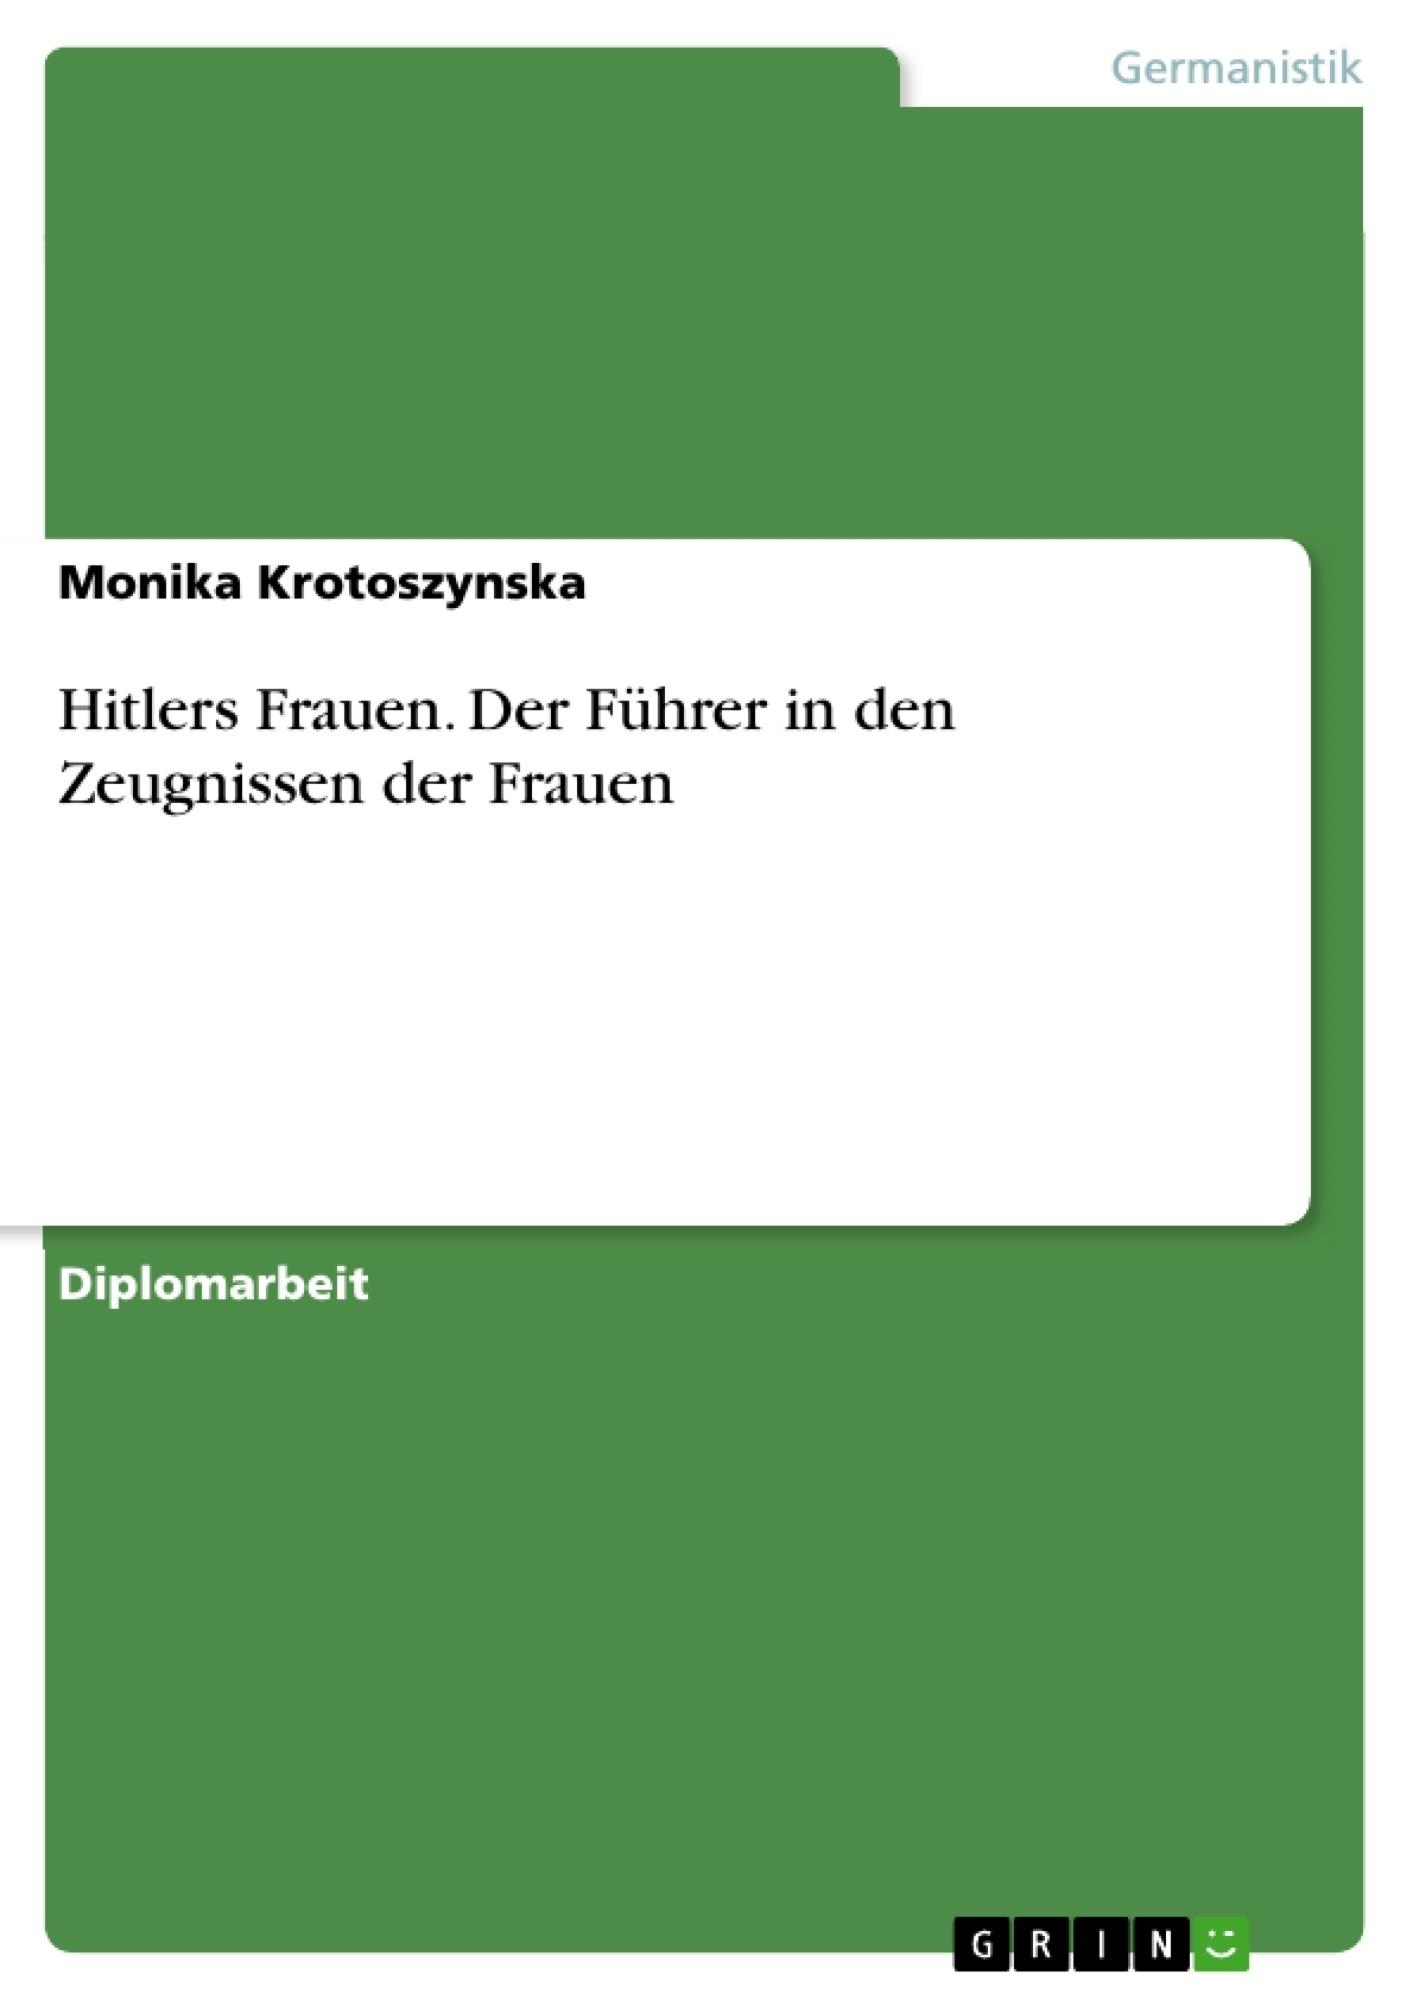 Titel: Hitlers Frauen. Der Führer in den Zeugnissen der Frauen